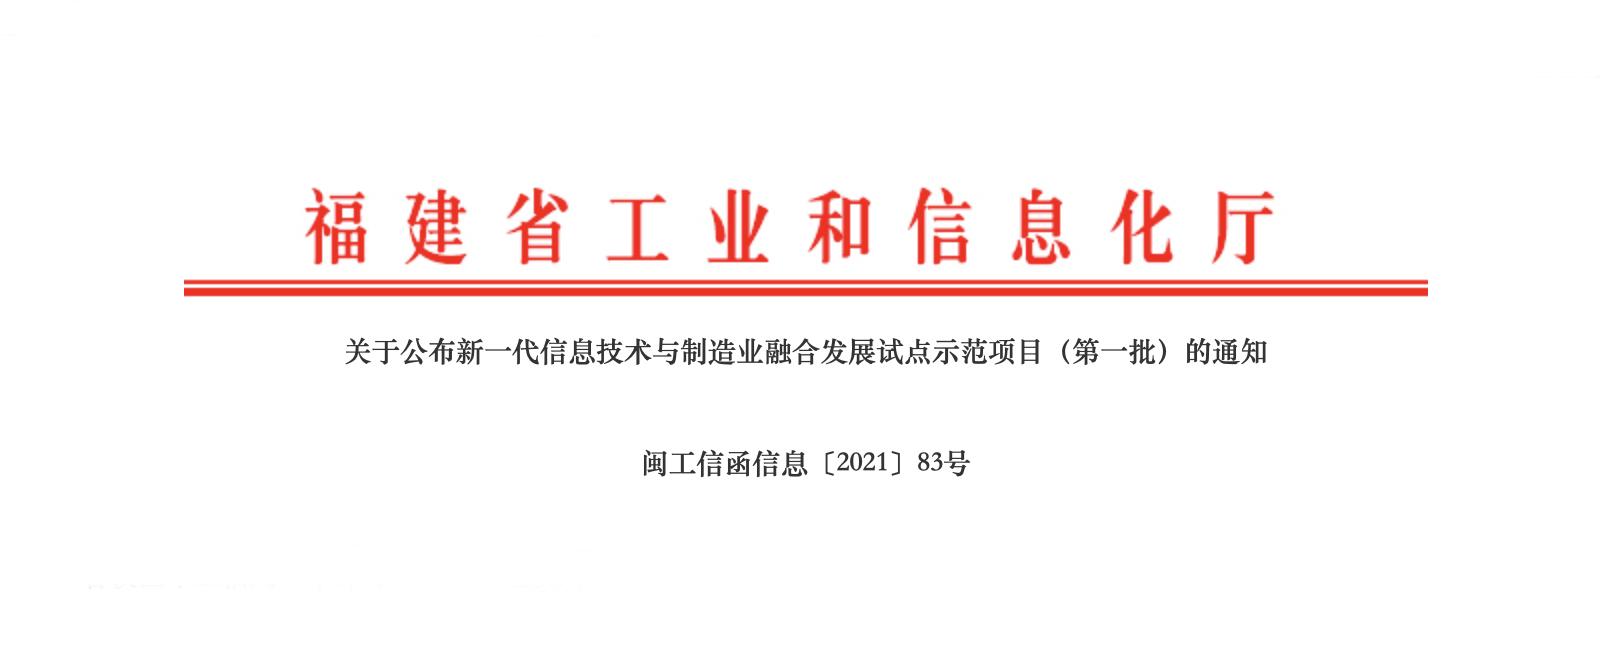 """福建省发布""""新一代信息技术与制造业融合发展试点示范项目""""第一批名单"""